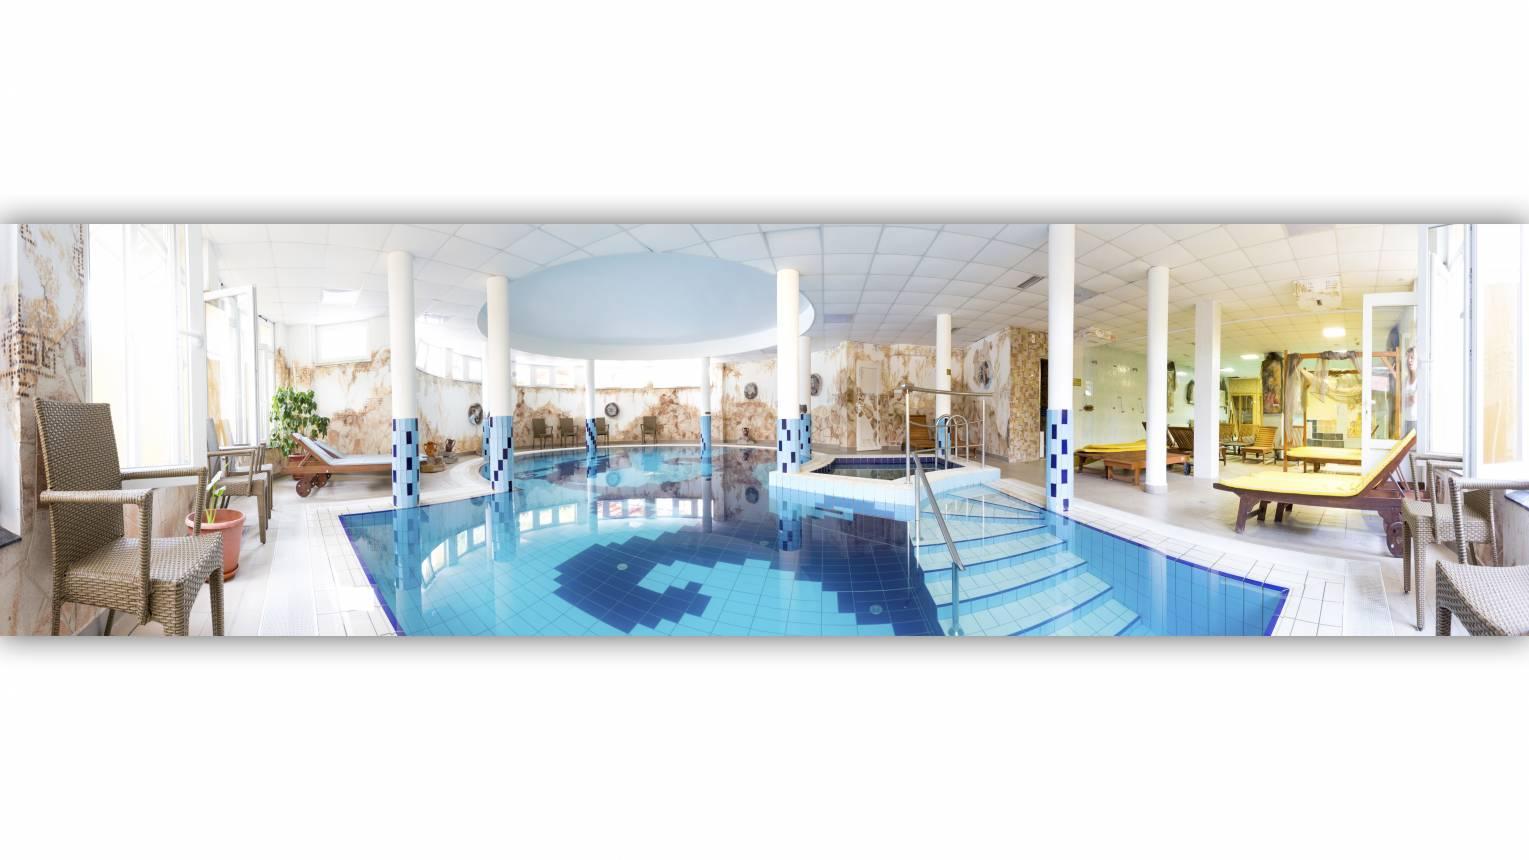 Privát gyertyafényes fürdőzés zárás után az Aphrodité hotel medencéjében